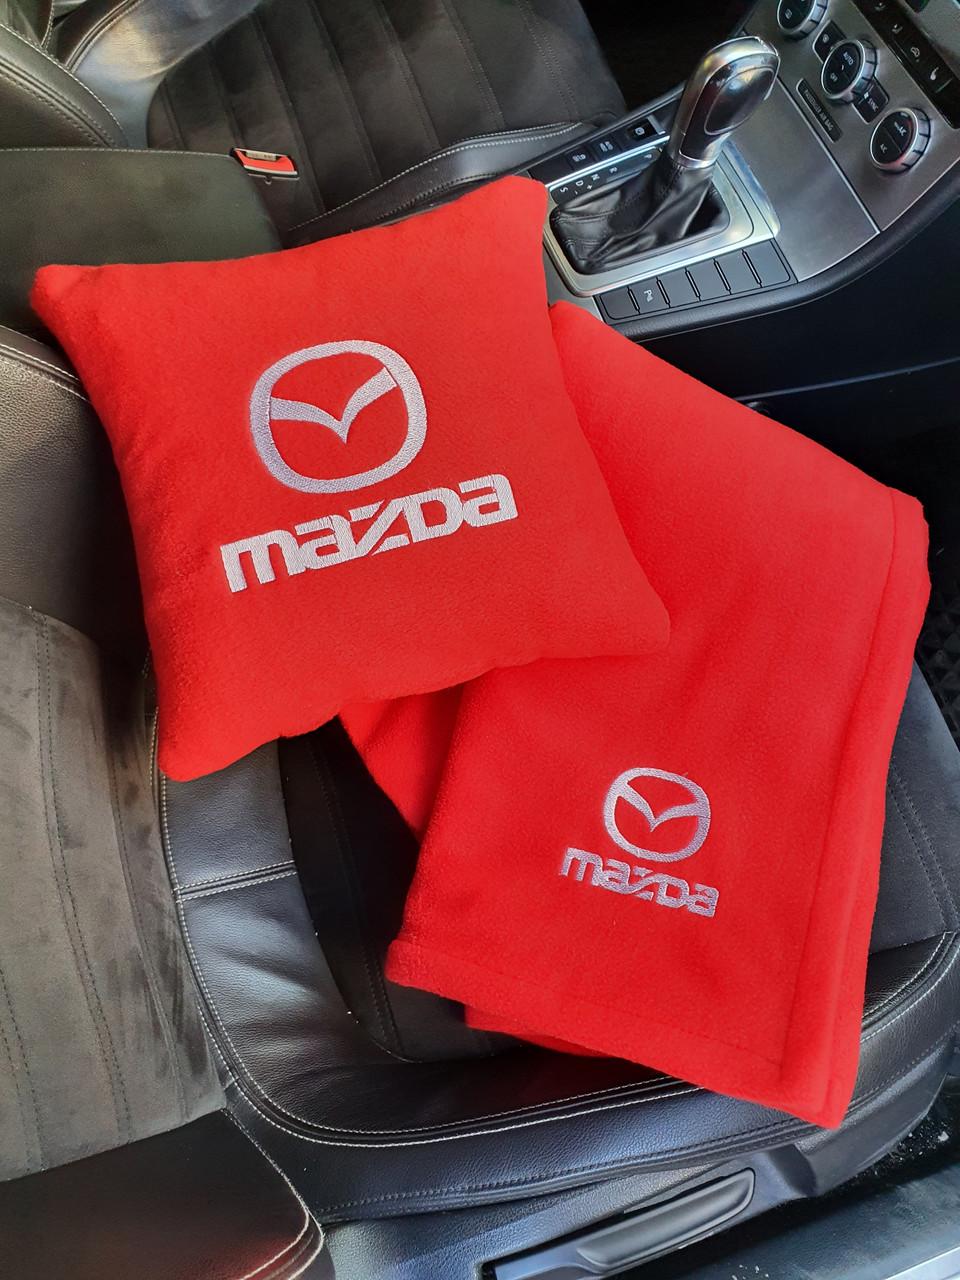 """Автомобільний набір: подушка і плед з логотипом """"Mazda"""" колір на вибір"""